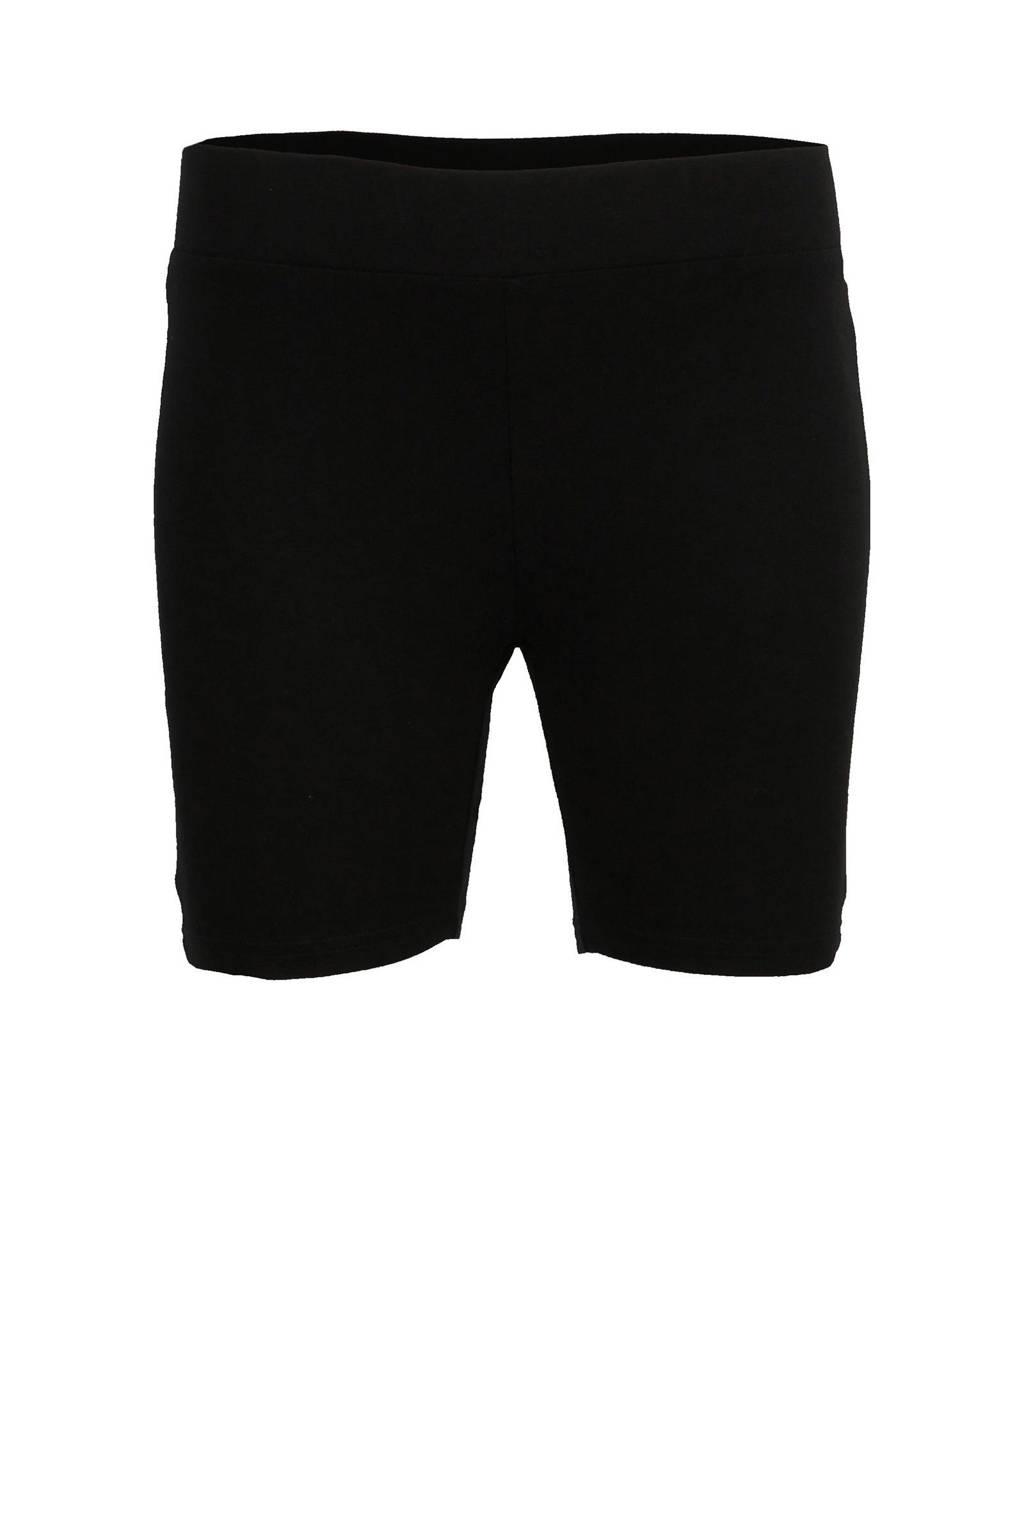 Scapino Dutchy sportshort zwart, Zwart